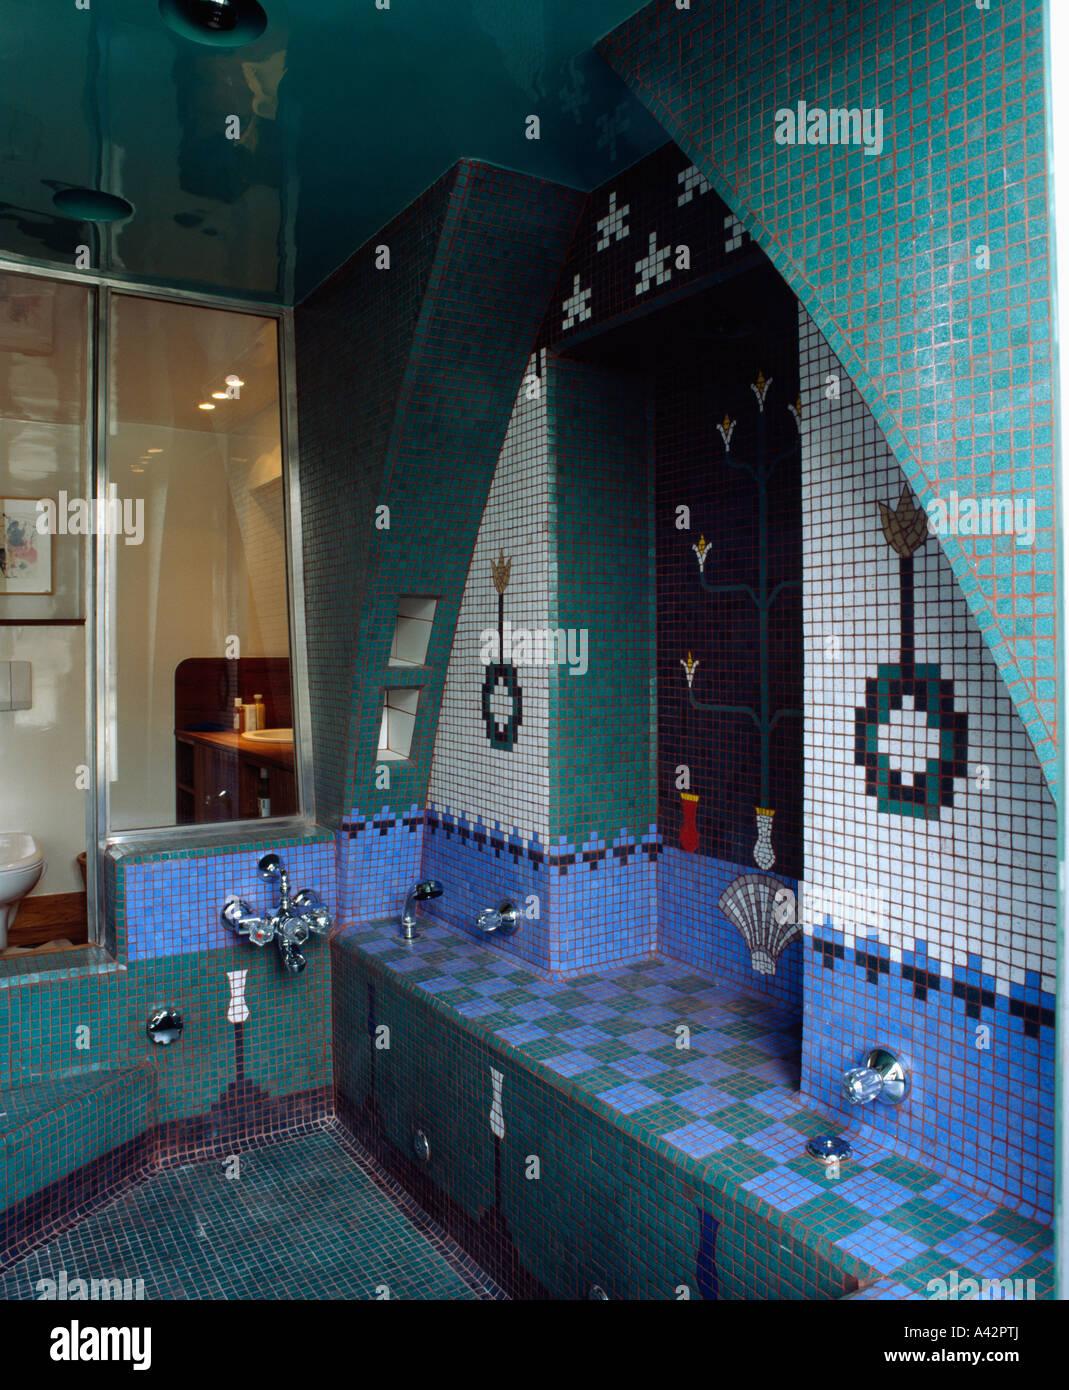 Türkis und Blau gekachelt marokkanischen Stil Badezimmer mit ...